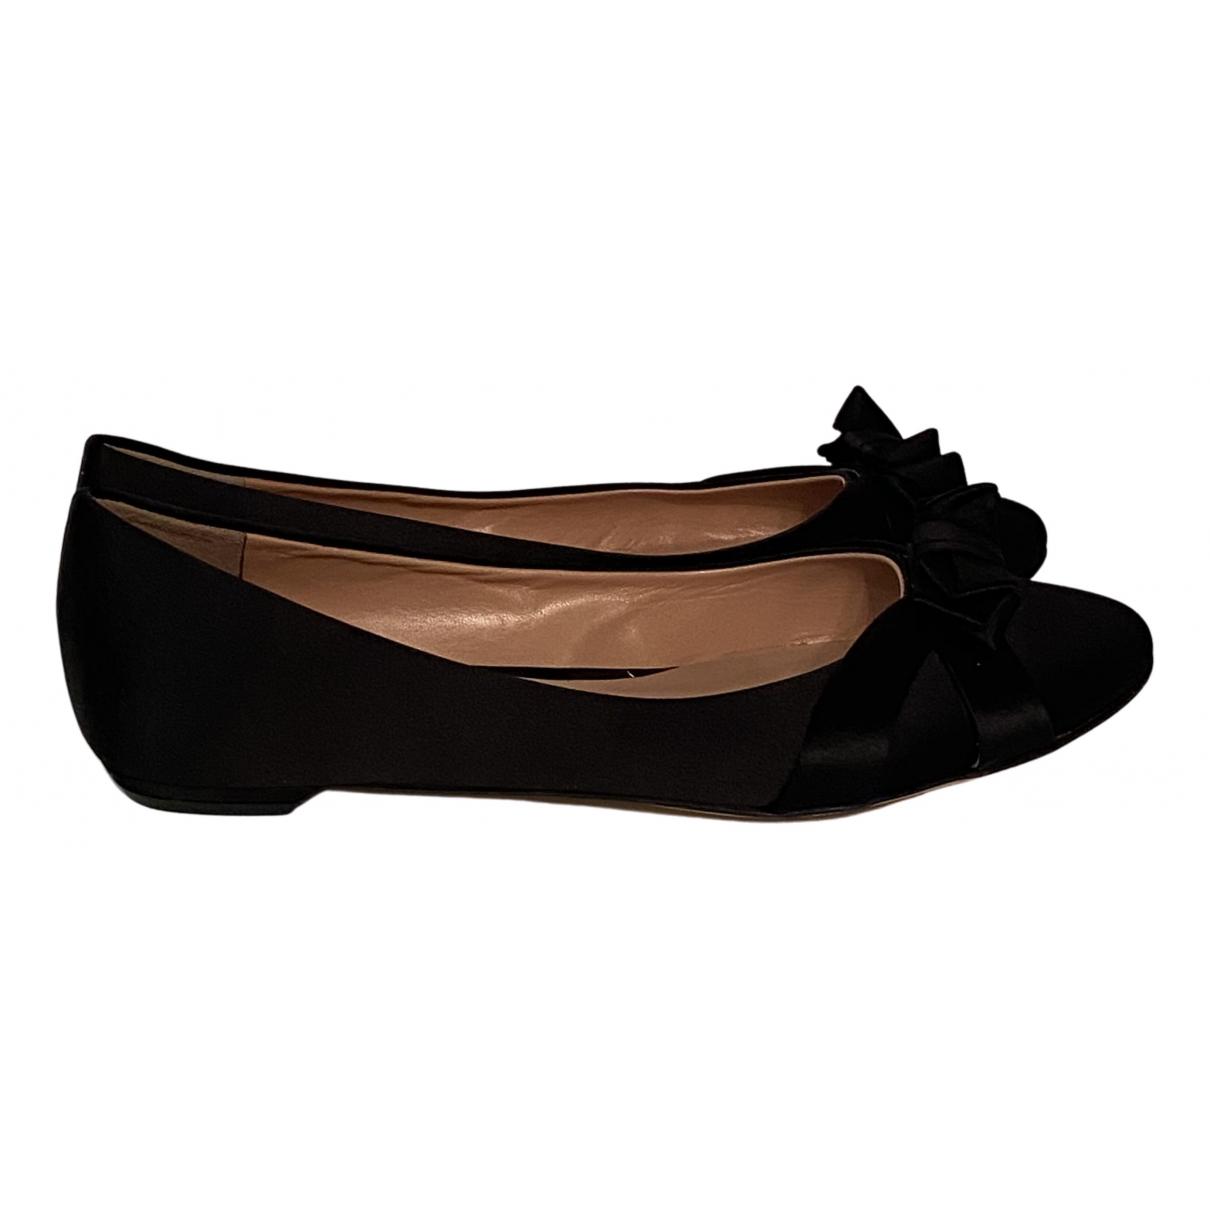 Gianmarco Lorenzi N Black Cloth Ballet flats for Women 38.5 EU